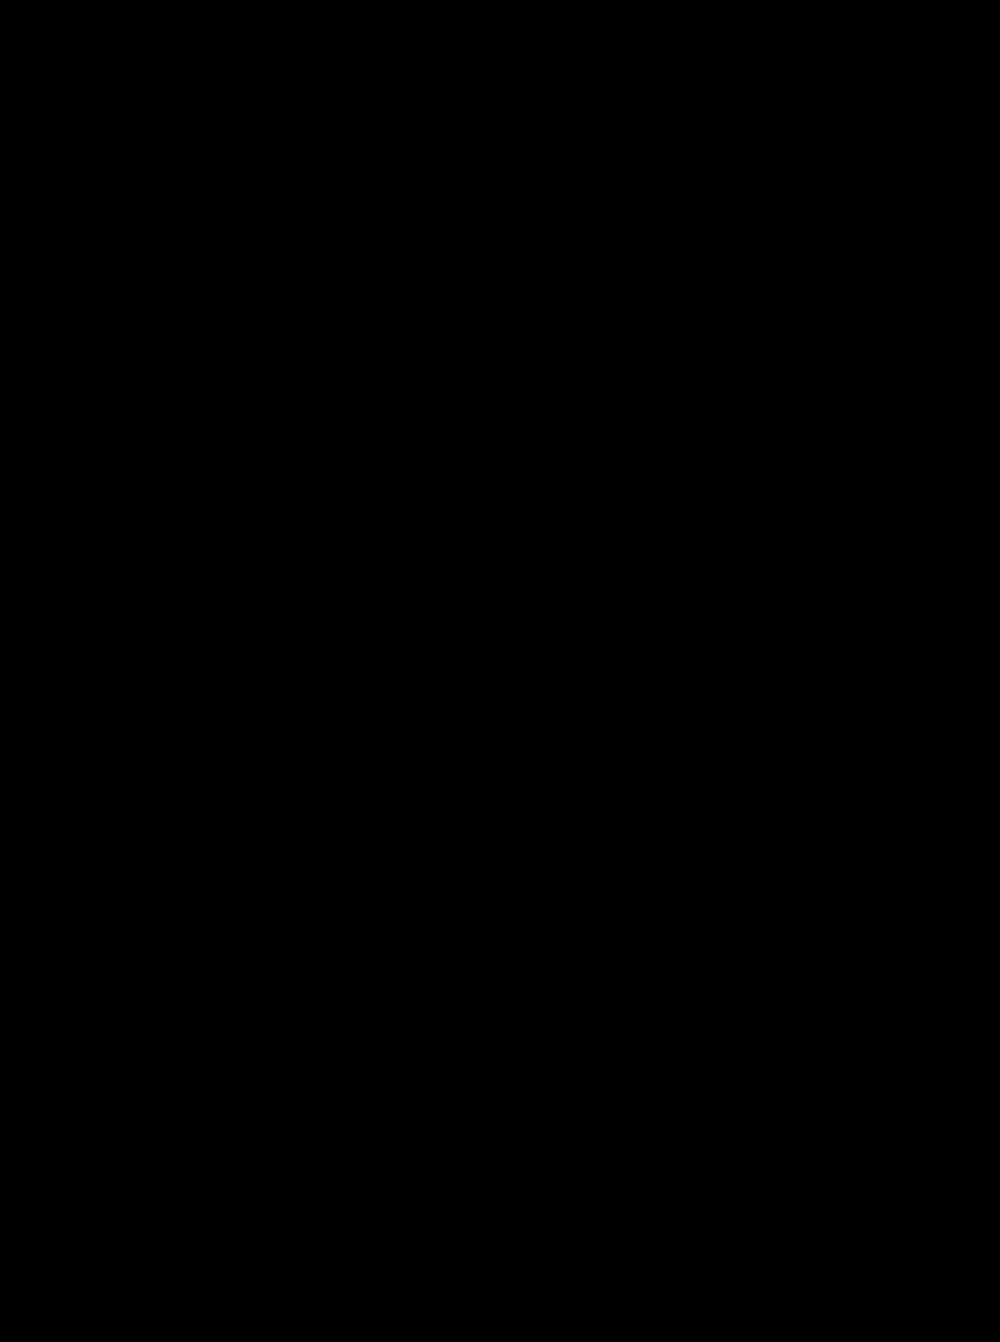 схема лимбического круга